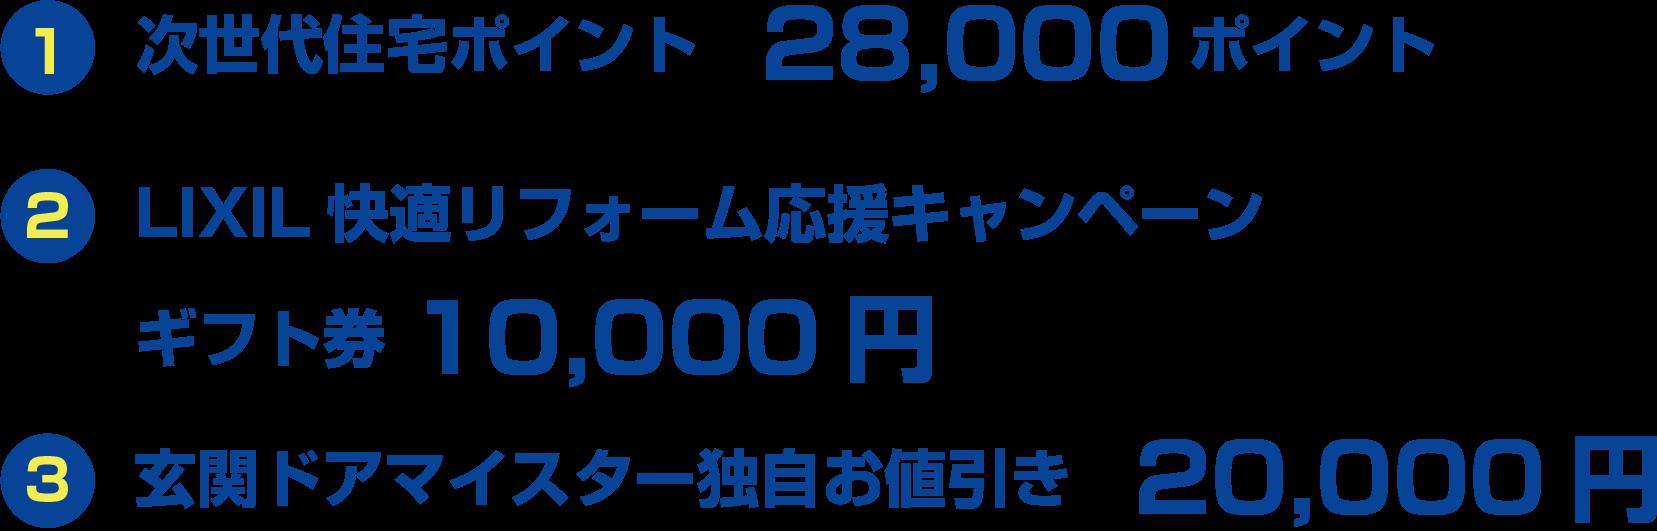 次世代住宅ポイント 28,000ポイント